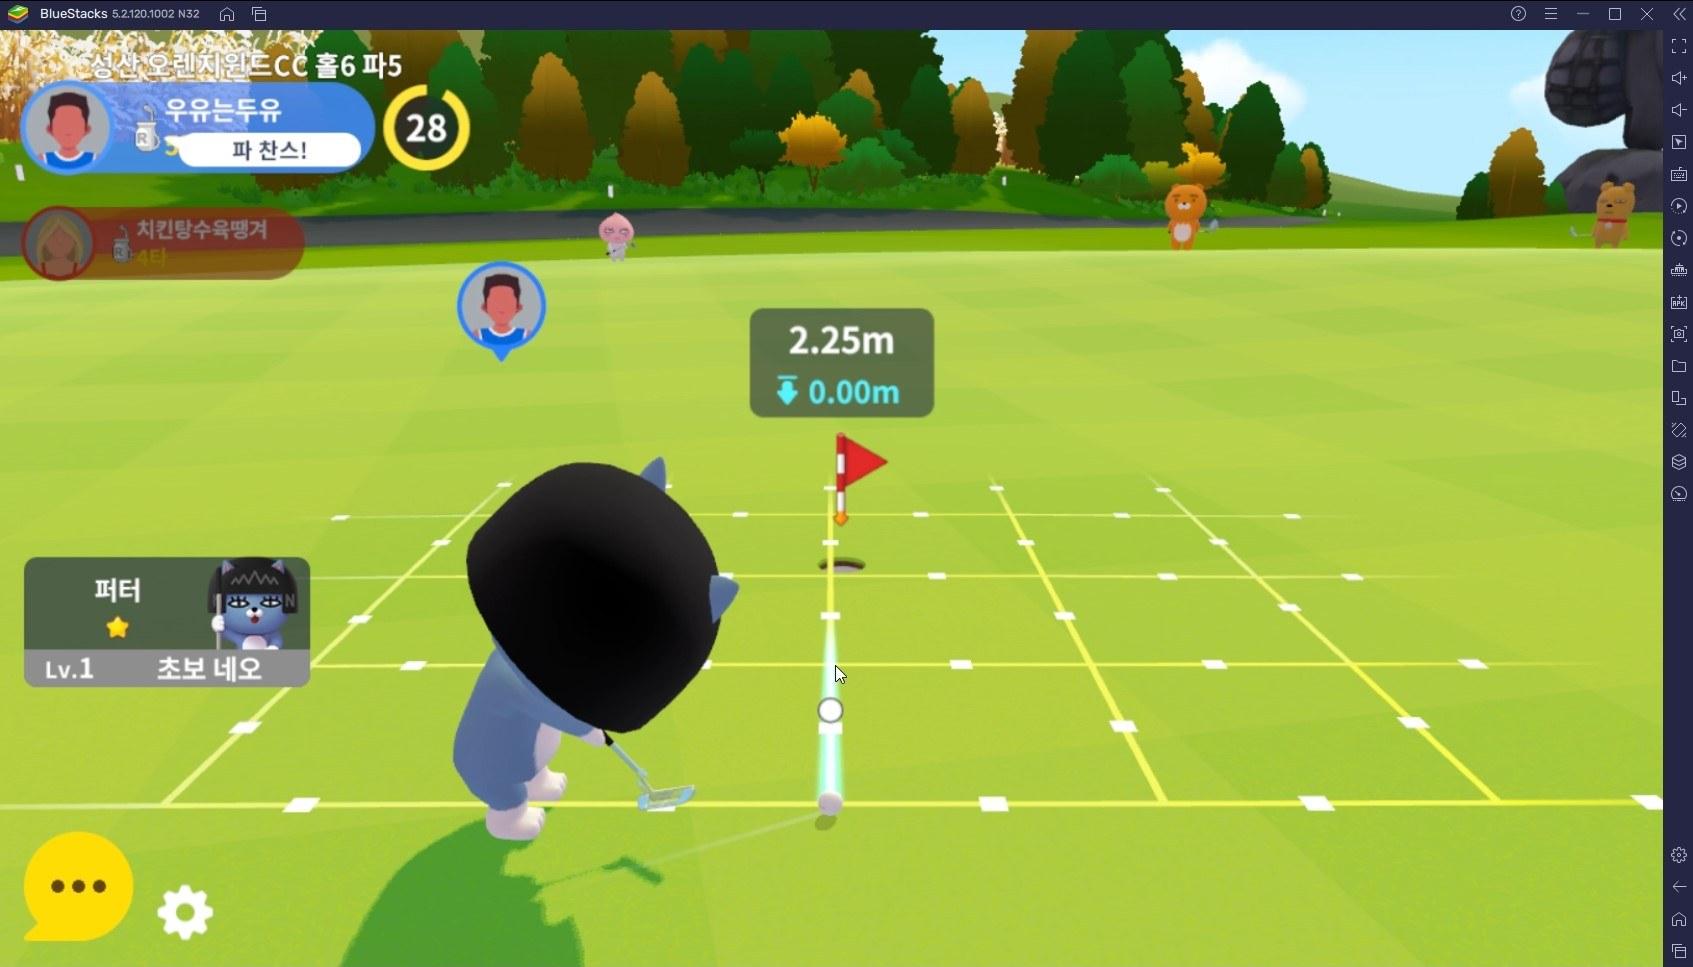 캐주얼한 골프 게임을 찾는다면, 프렌즈샷 누구나골프를 지금 바로 블루스택에서 시작해보세요!